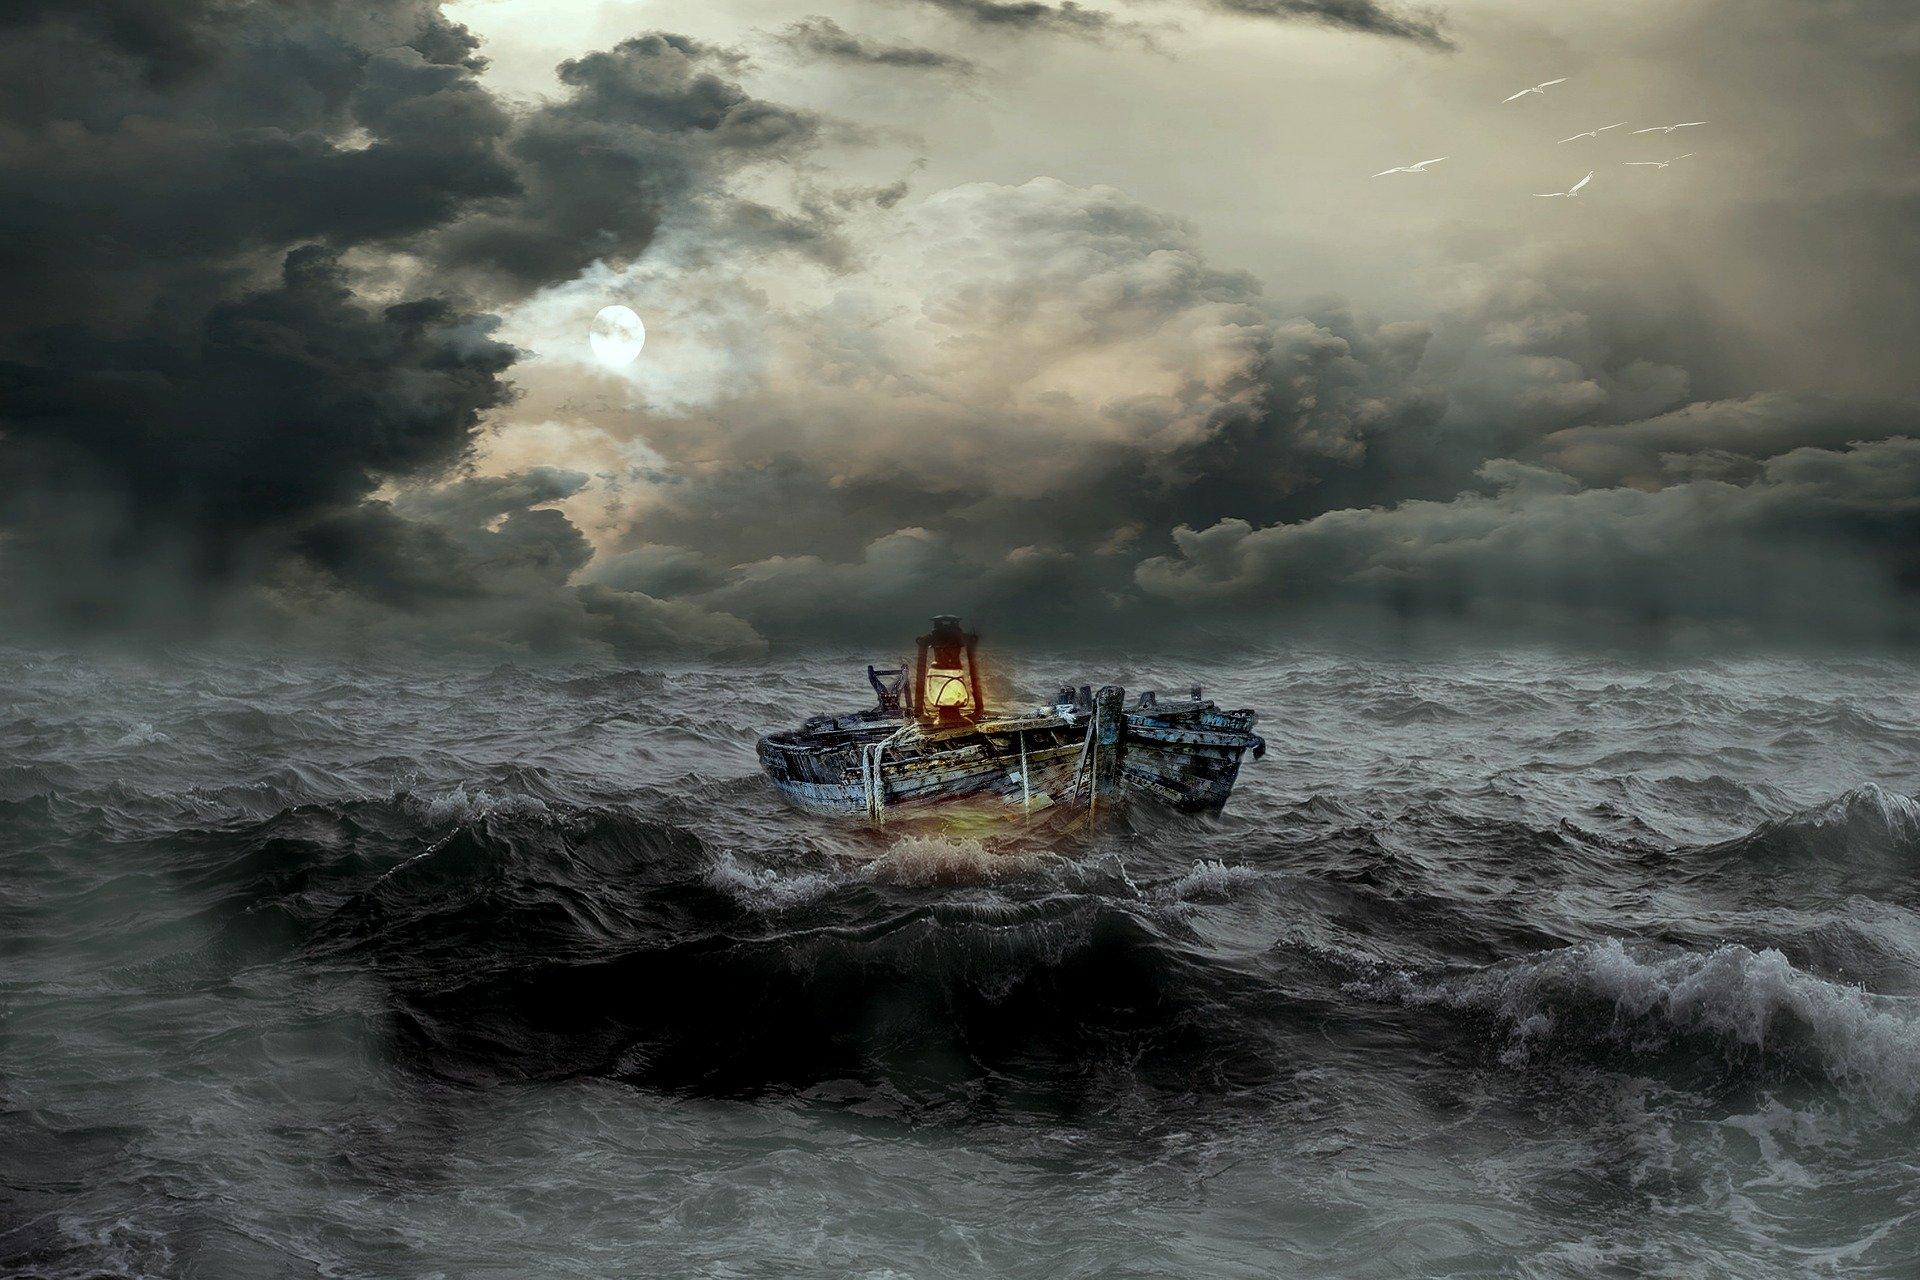 una barca in mezzo al mare in tempesta